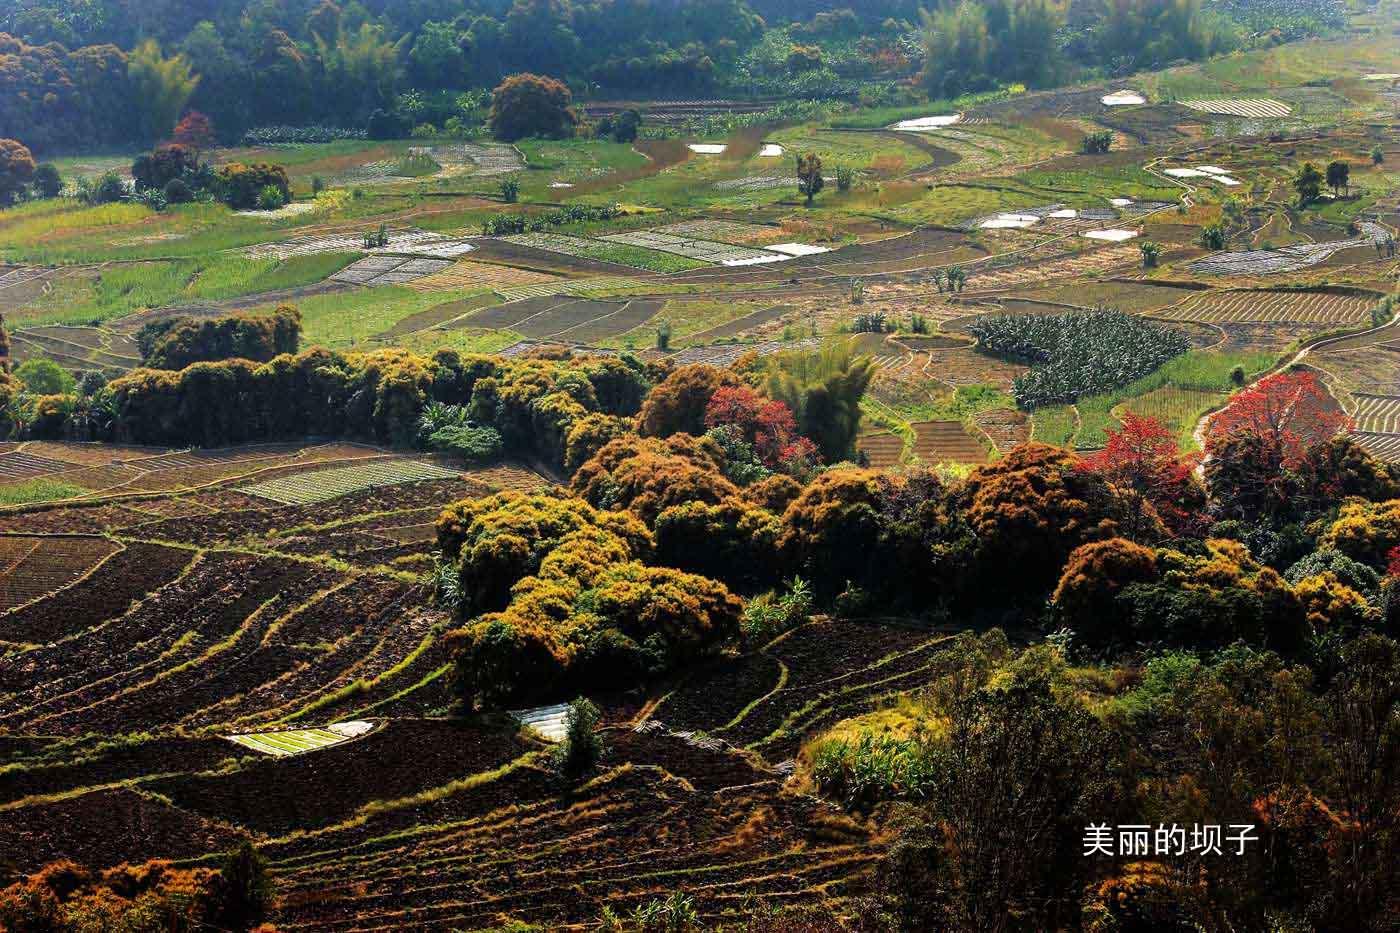 [原创] 一万里路山和水 云南风景写生7:红河梯田美 (上)